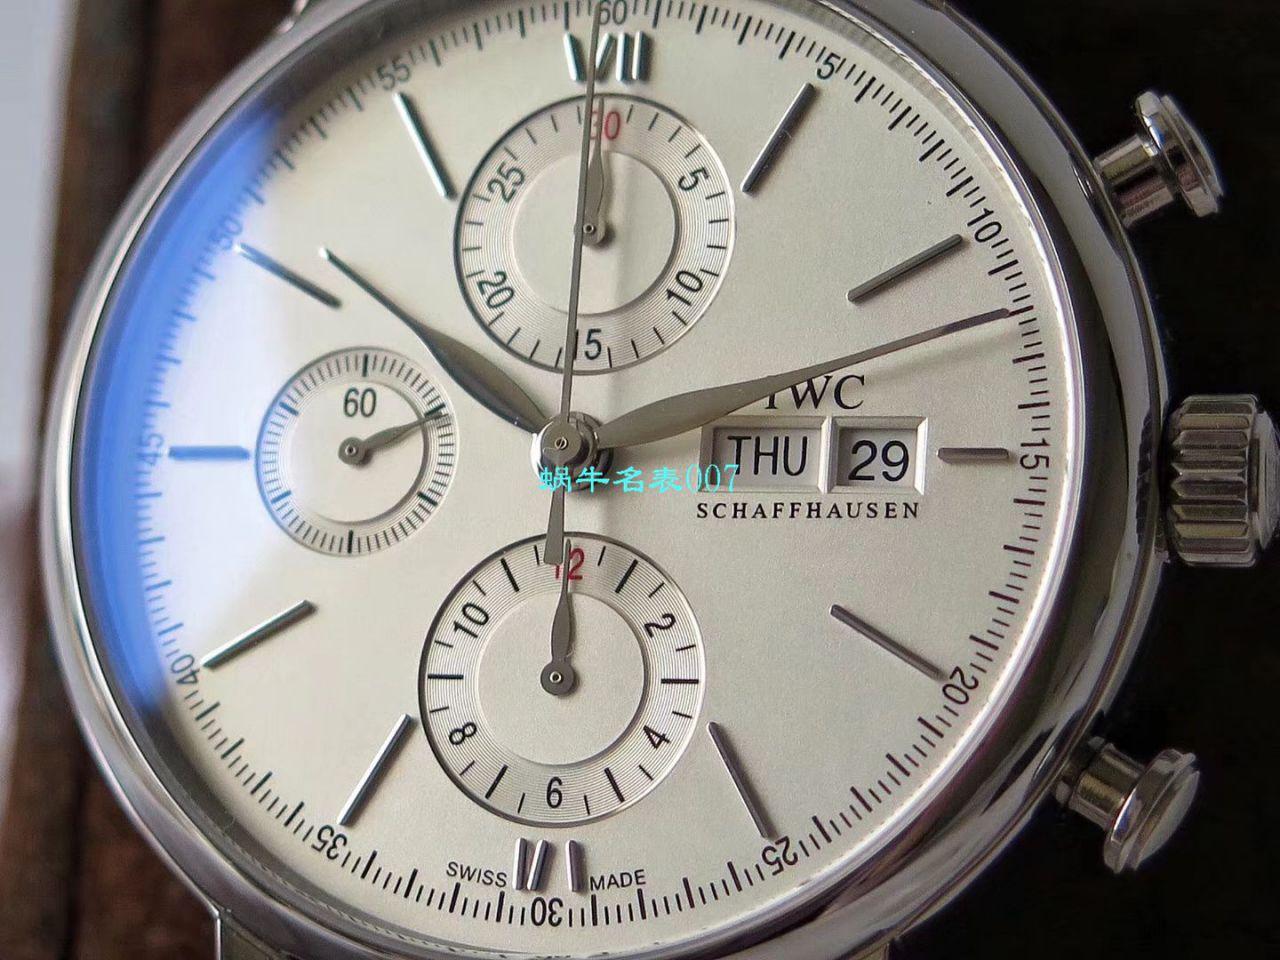 ZF匠心之作IWC波涛菲诺系列多功能计时码表儒雅登场一比一复刻万国IW391007,IW391031,IW391029,IW391019腕表